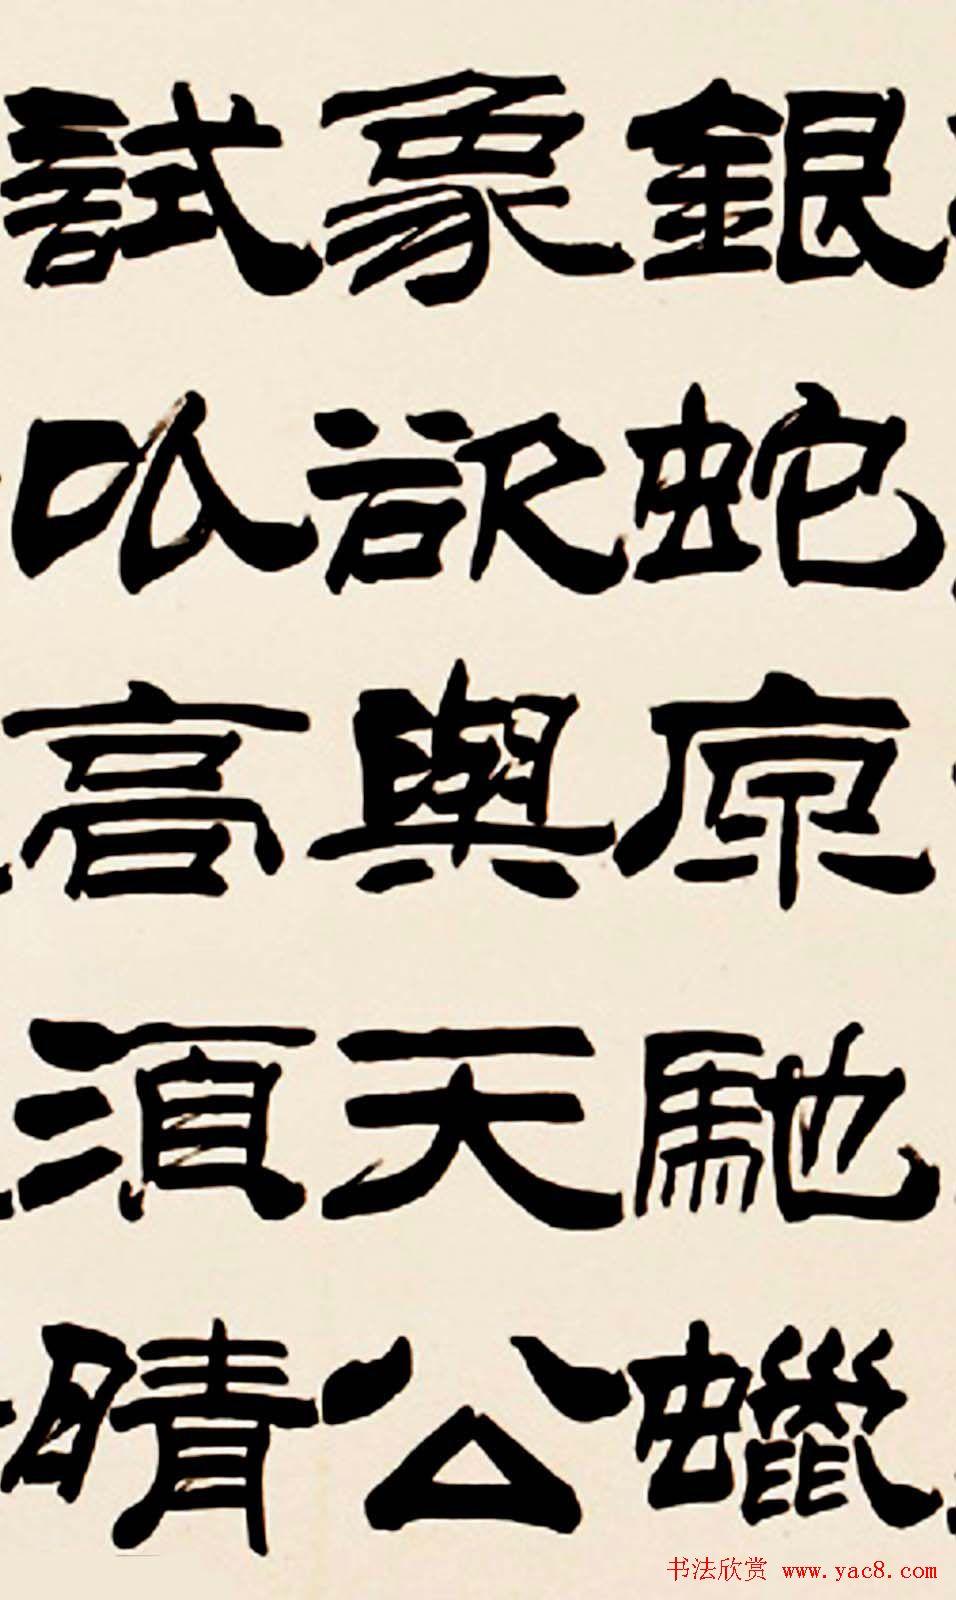 刘炳森隶书欣赏 沁园春雪 第4页 毛笔书法 书法欣赏